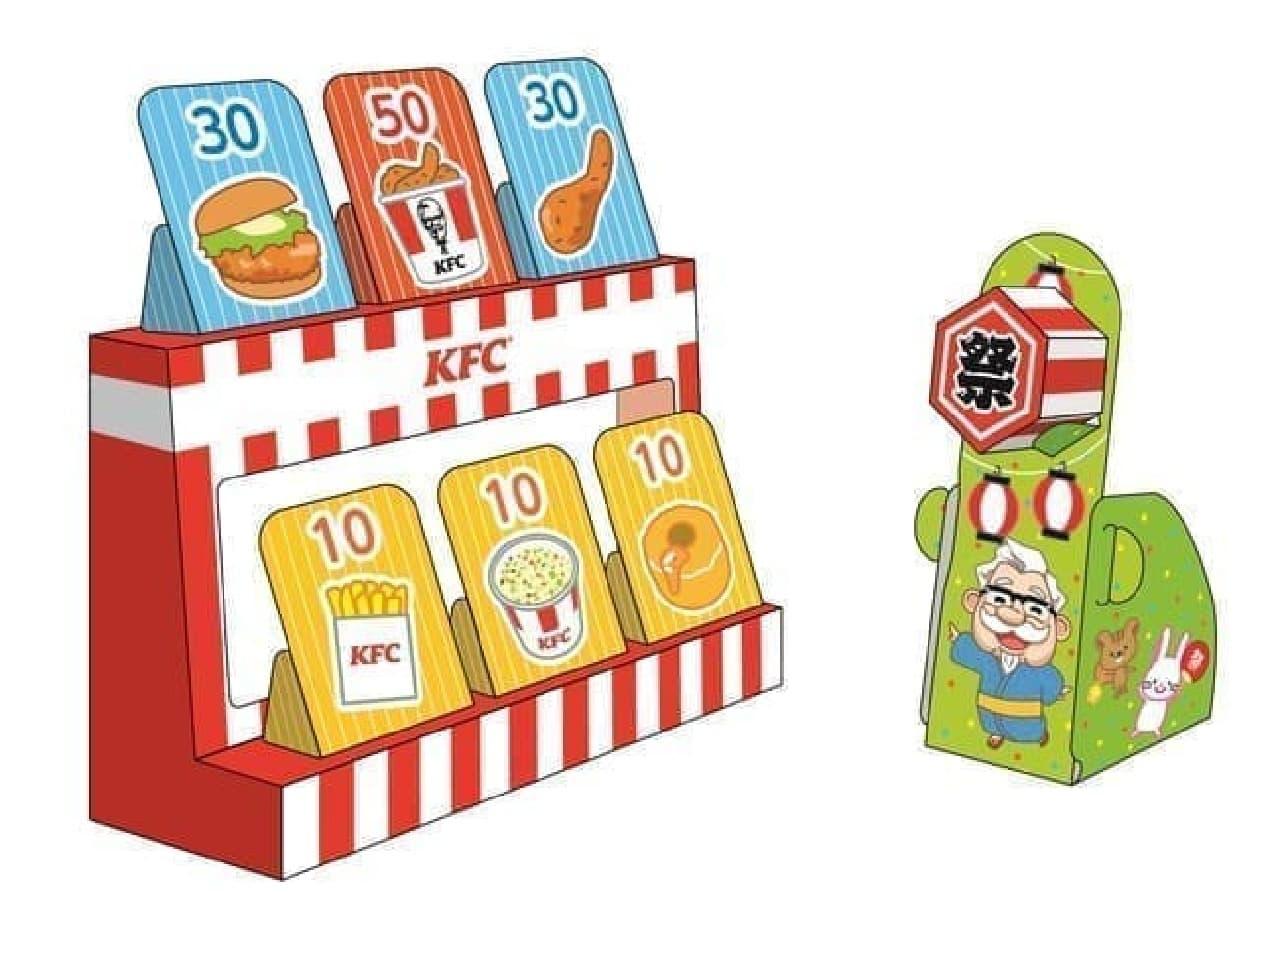 KFC「夏をたのしく!わくわくおまつりグッズ」しゃてきゲーム・くみたてヨーヨーなど